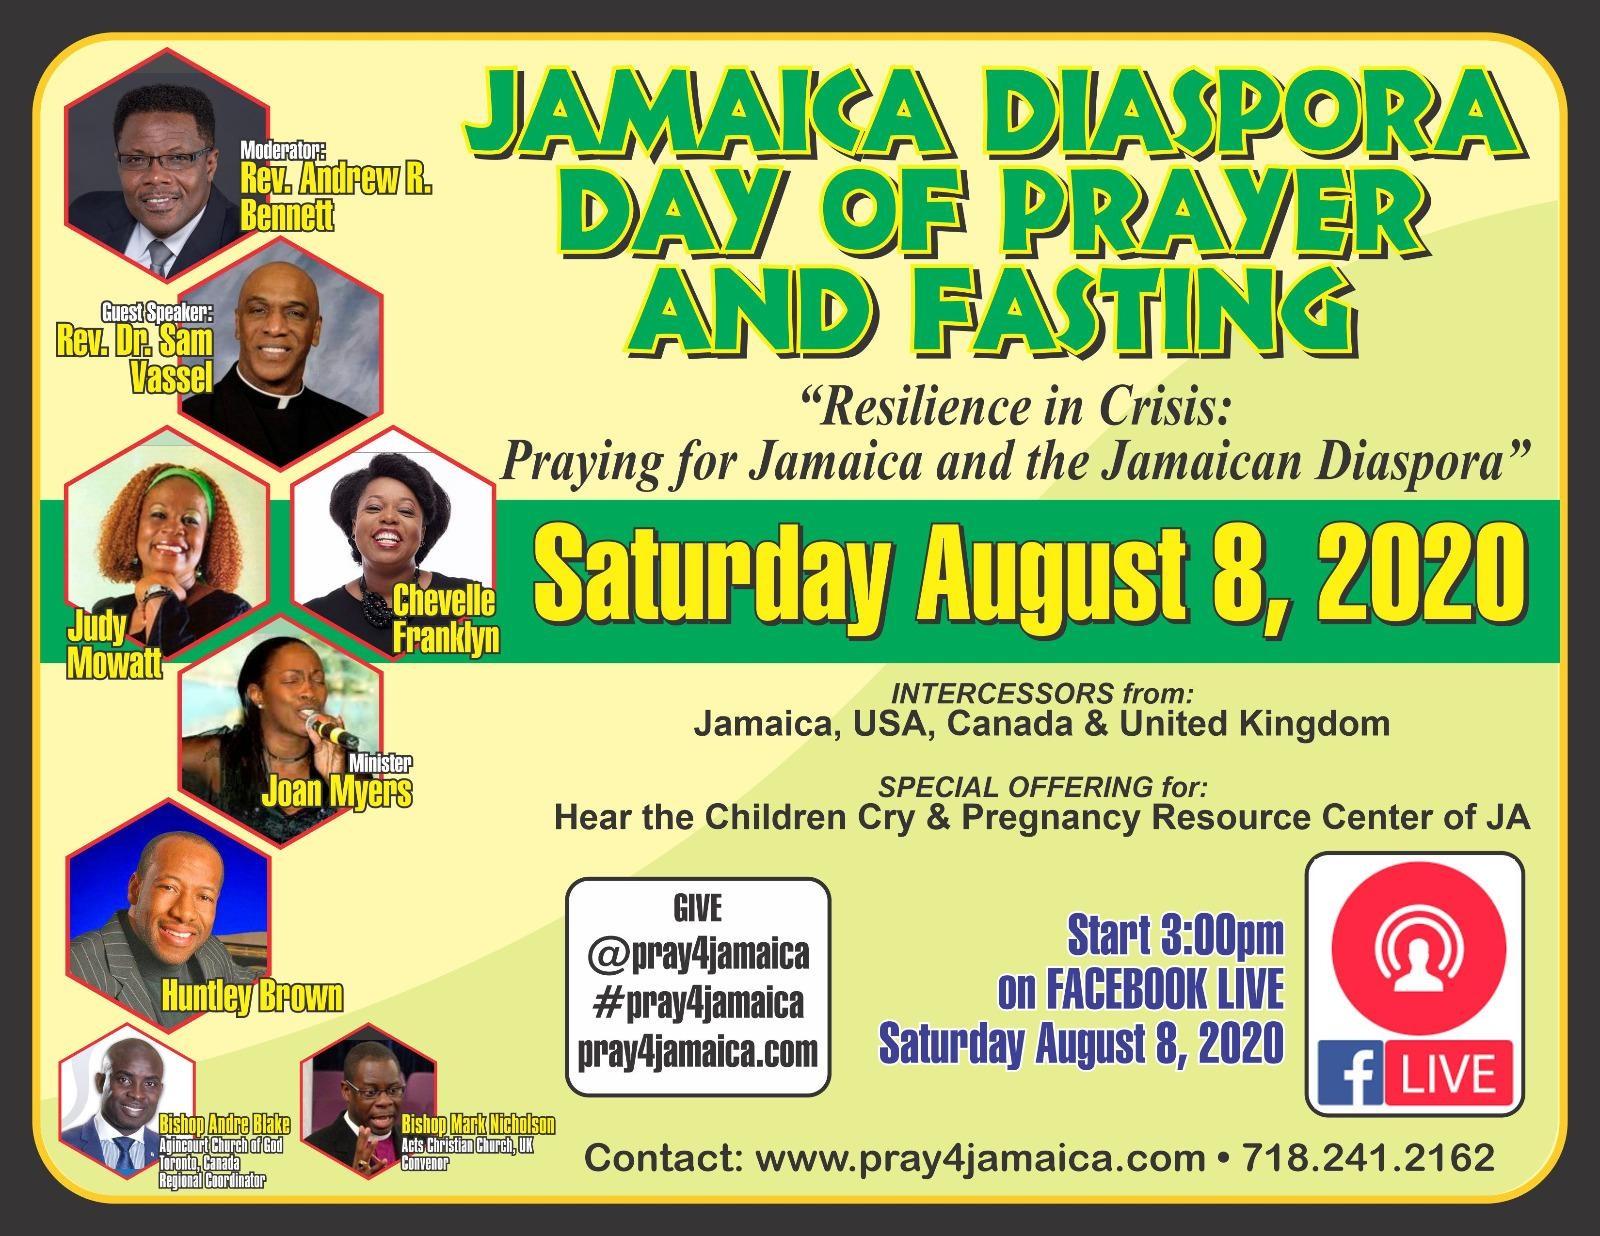 Jamaica Diaspora Day Of Prayer And Fasting